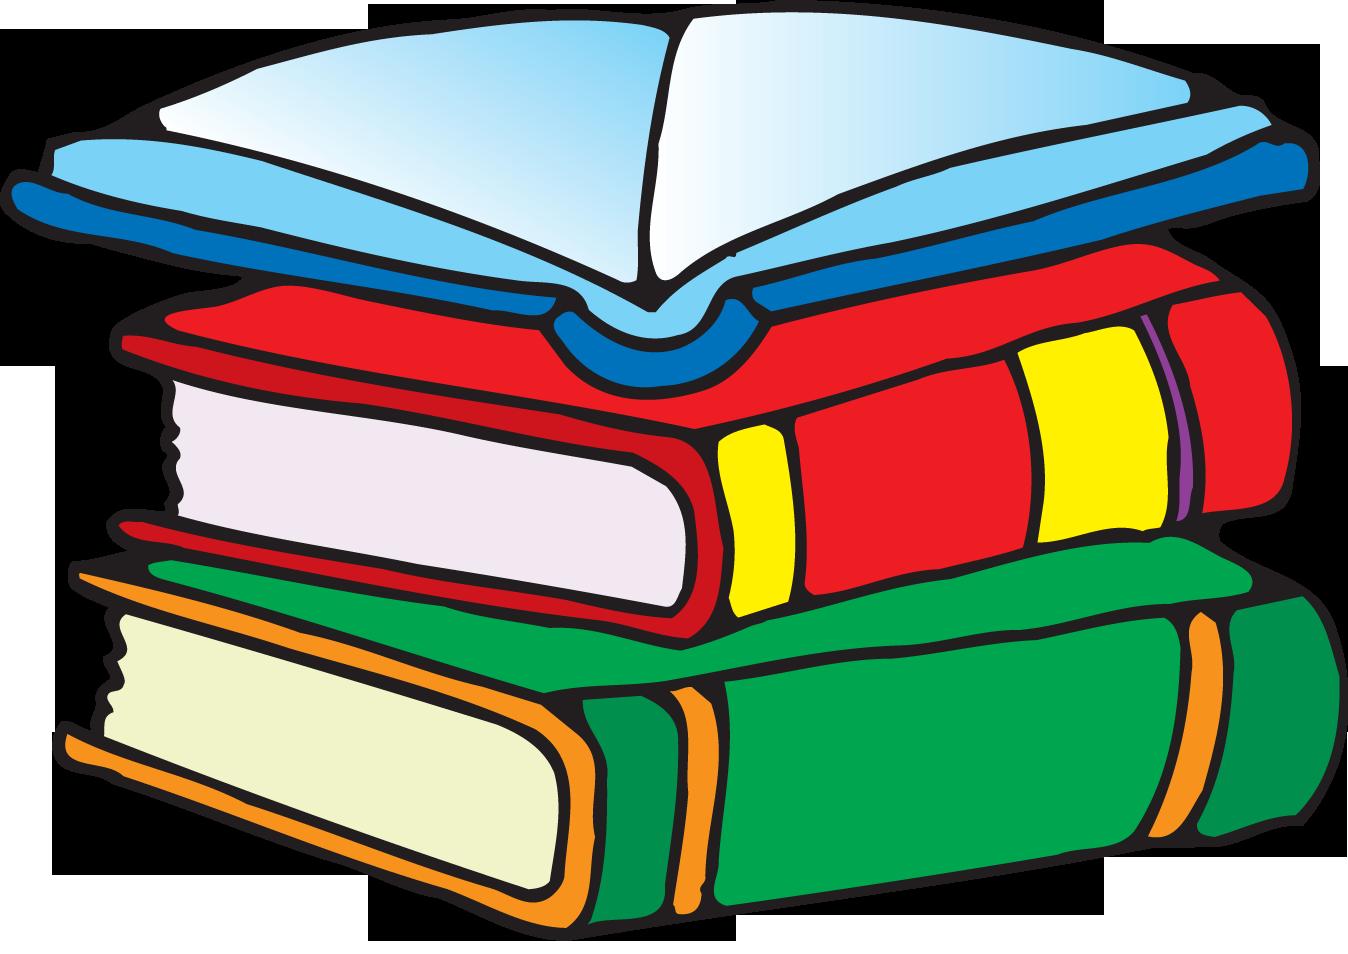 Homework assignments jennifer zang. Textbook clipart subject